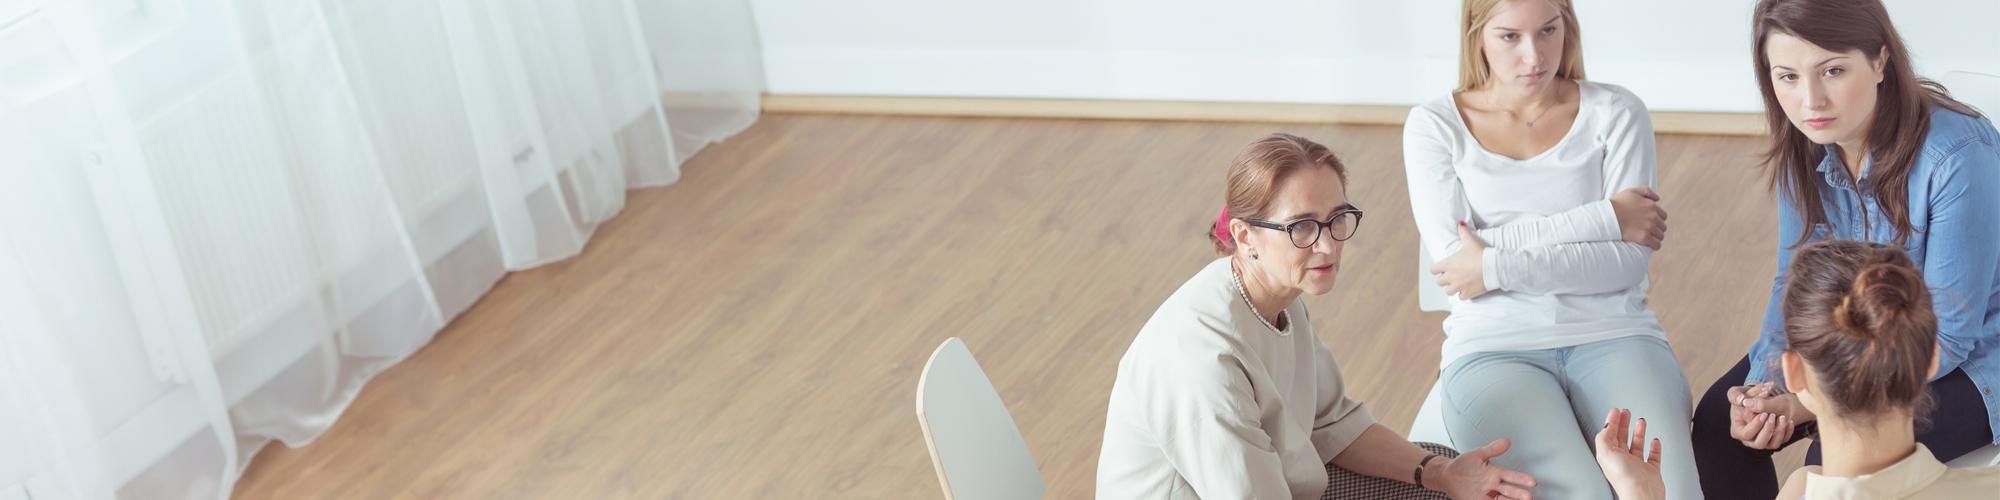 Terapia psicológica para mujeres Espacio de Salud Entre Nosotras (ESEN)